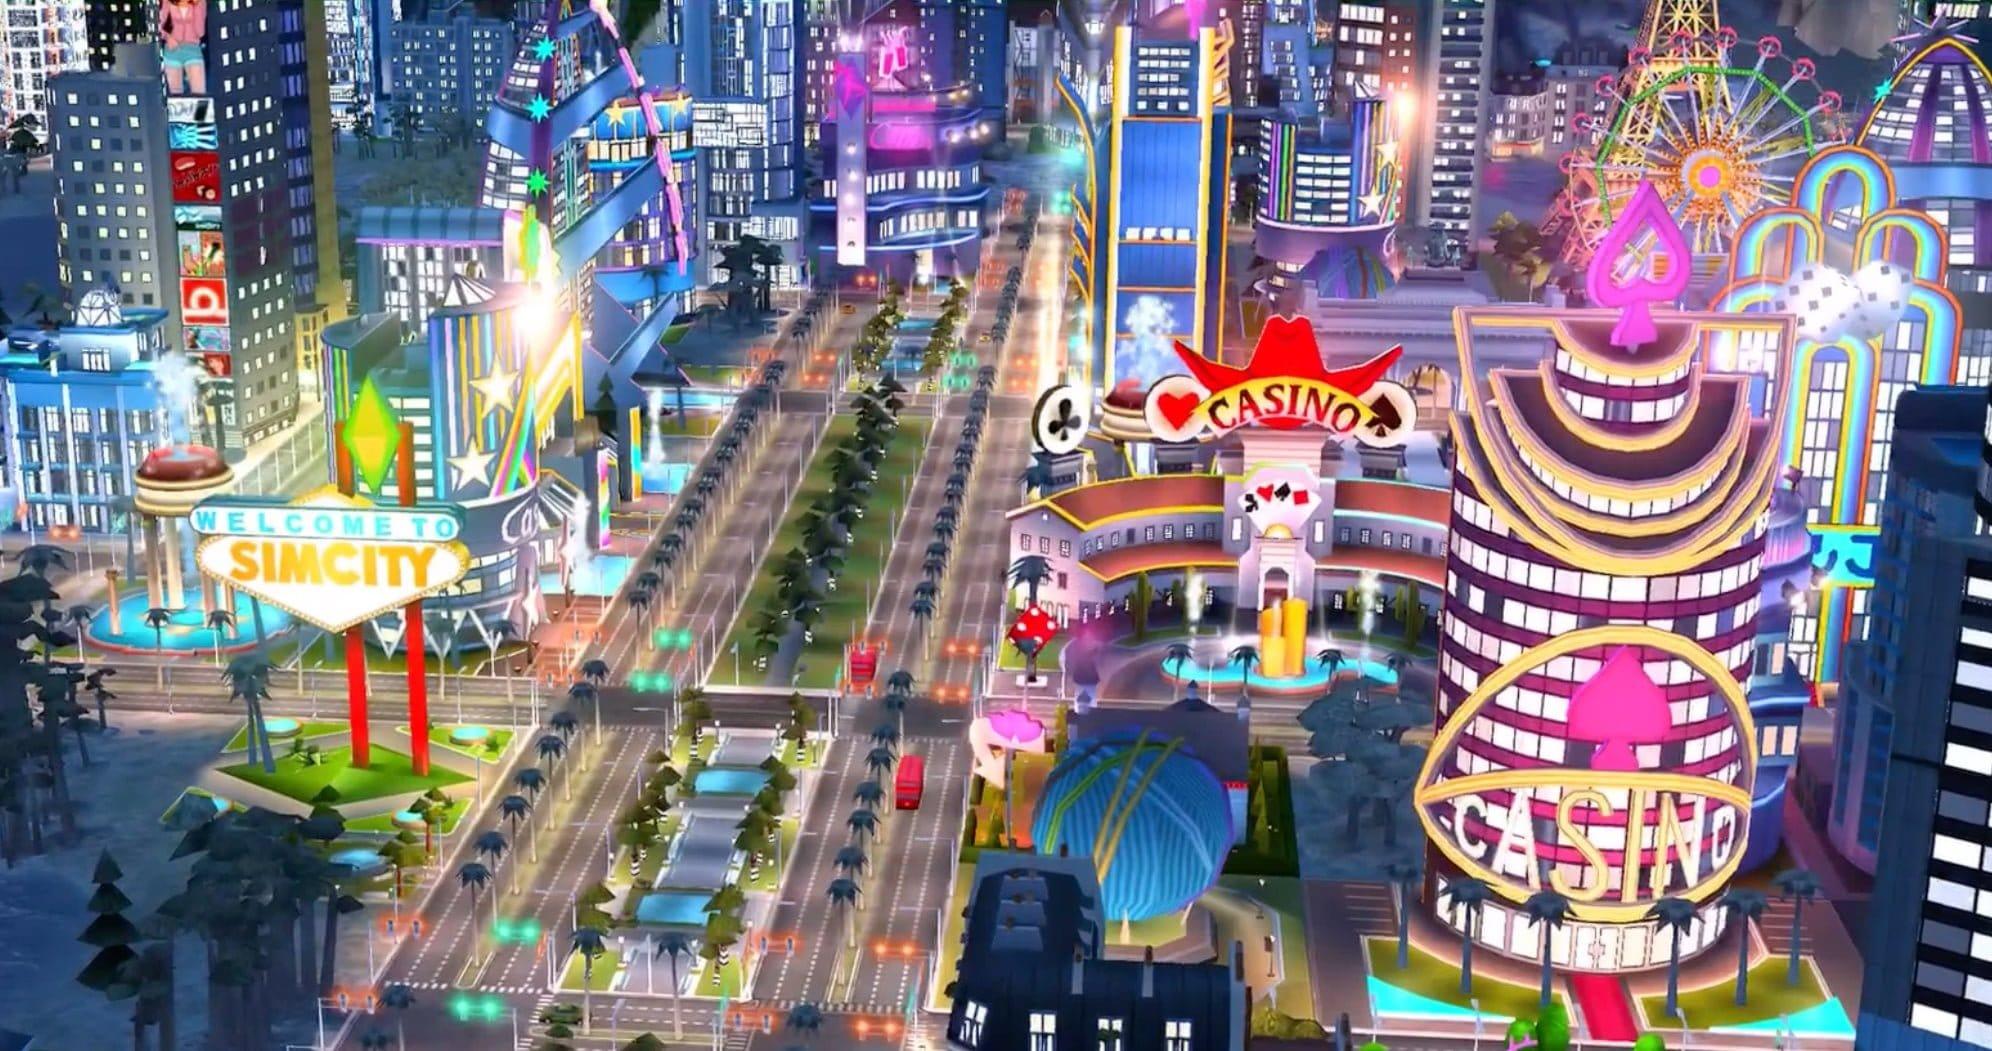 """""""Tous sur le strip"""" dans Simcity BuildIT"""